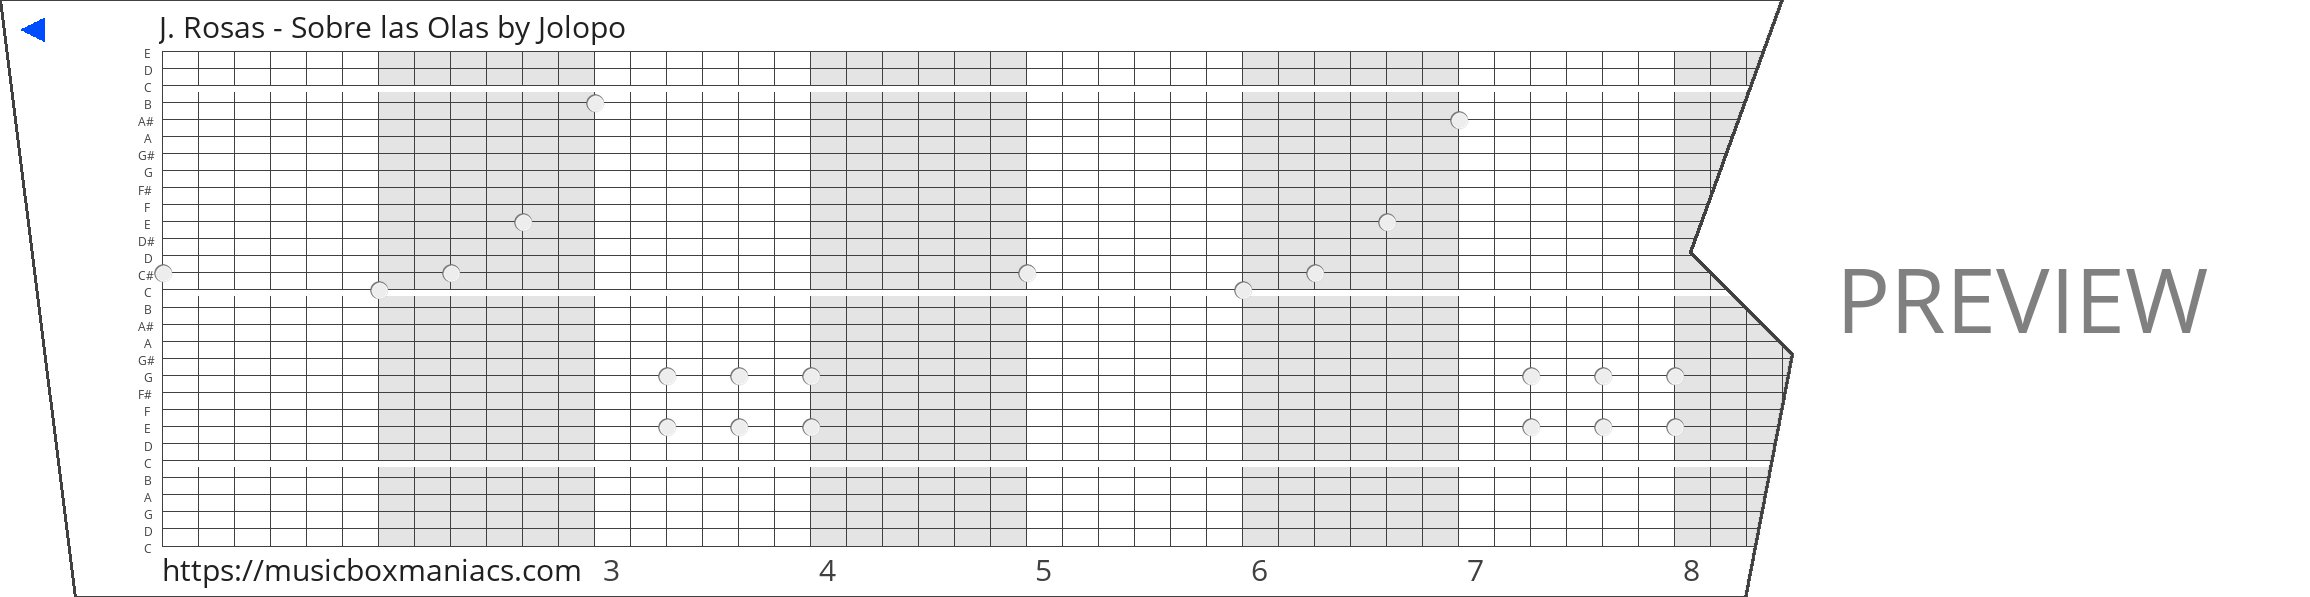 J. Rosas - Sobre las Olas 30 note music box paper strip